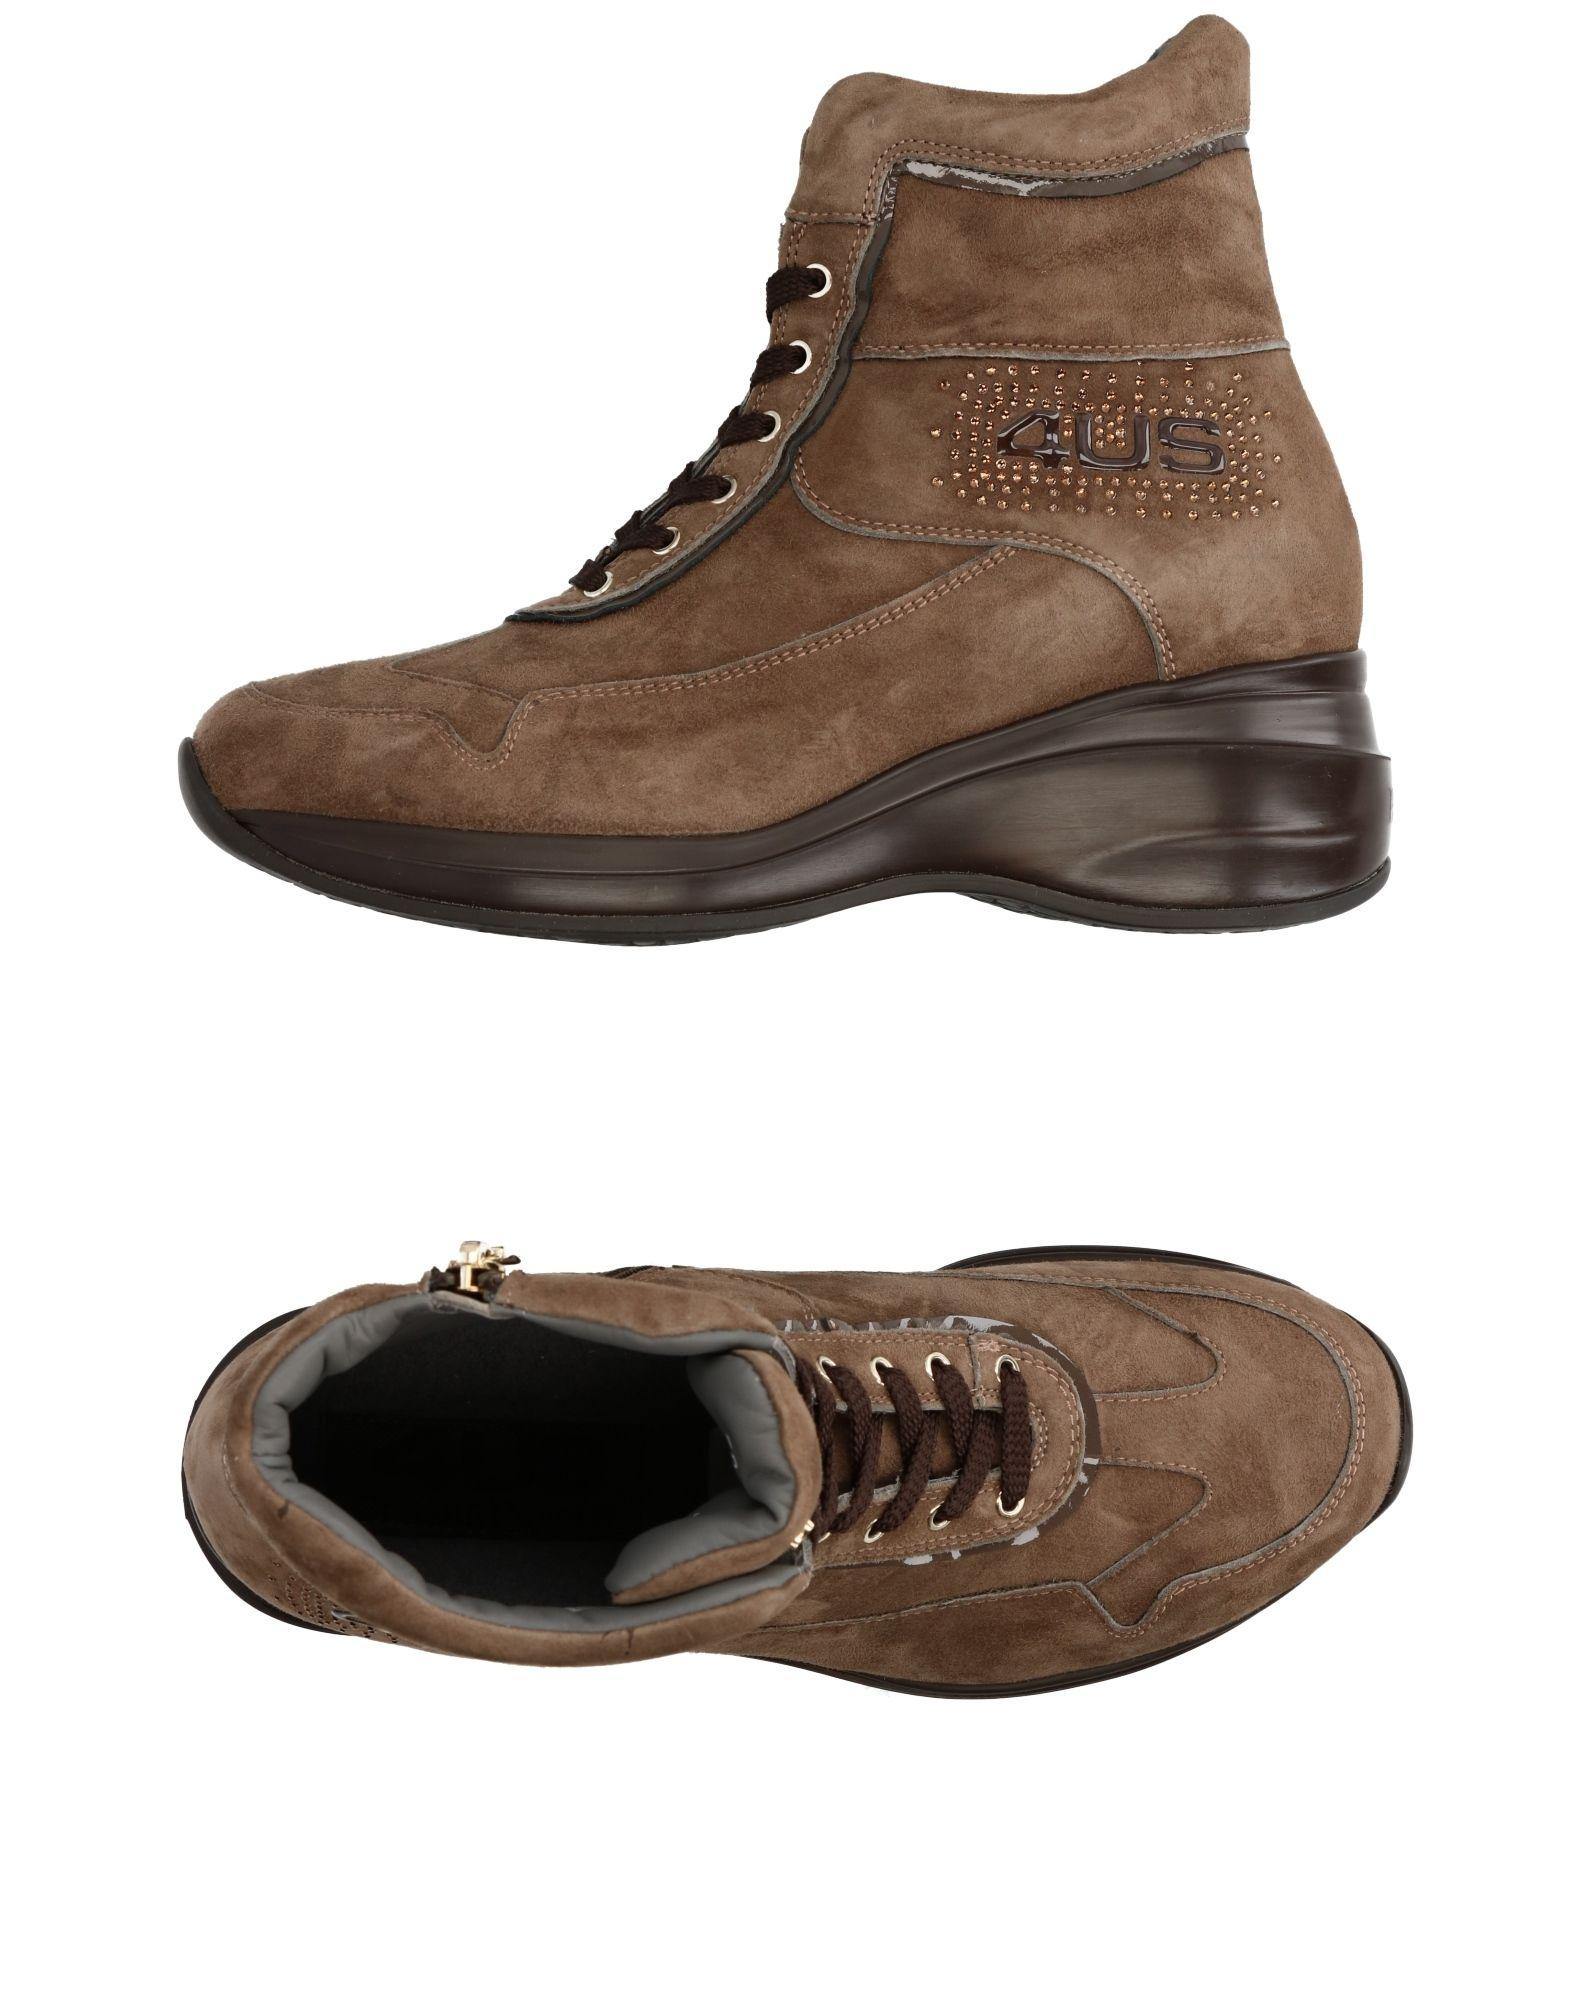 Baskets Cesare Paciotti 4Us Femme - Baskets Cesare Paciotti 4Us Gris tourterelle Dernières chaussures discount pour hommes et femmes